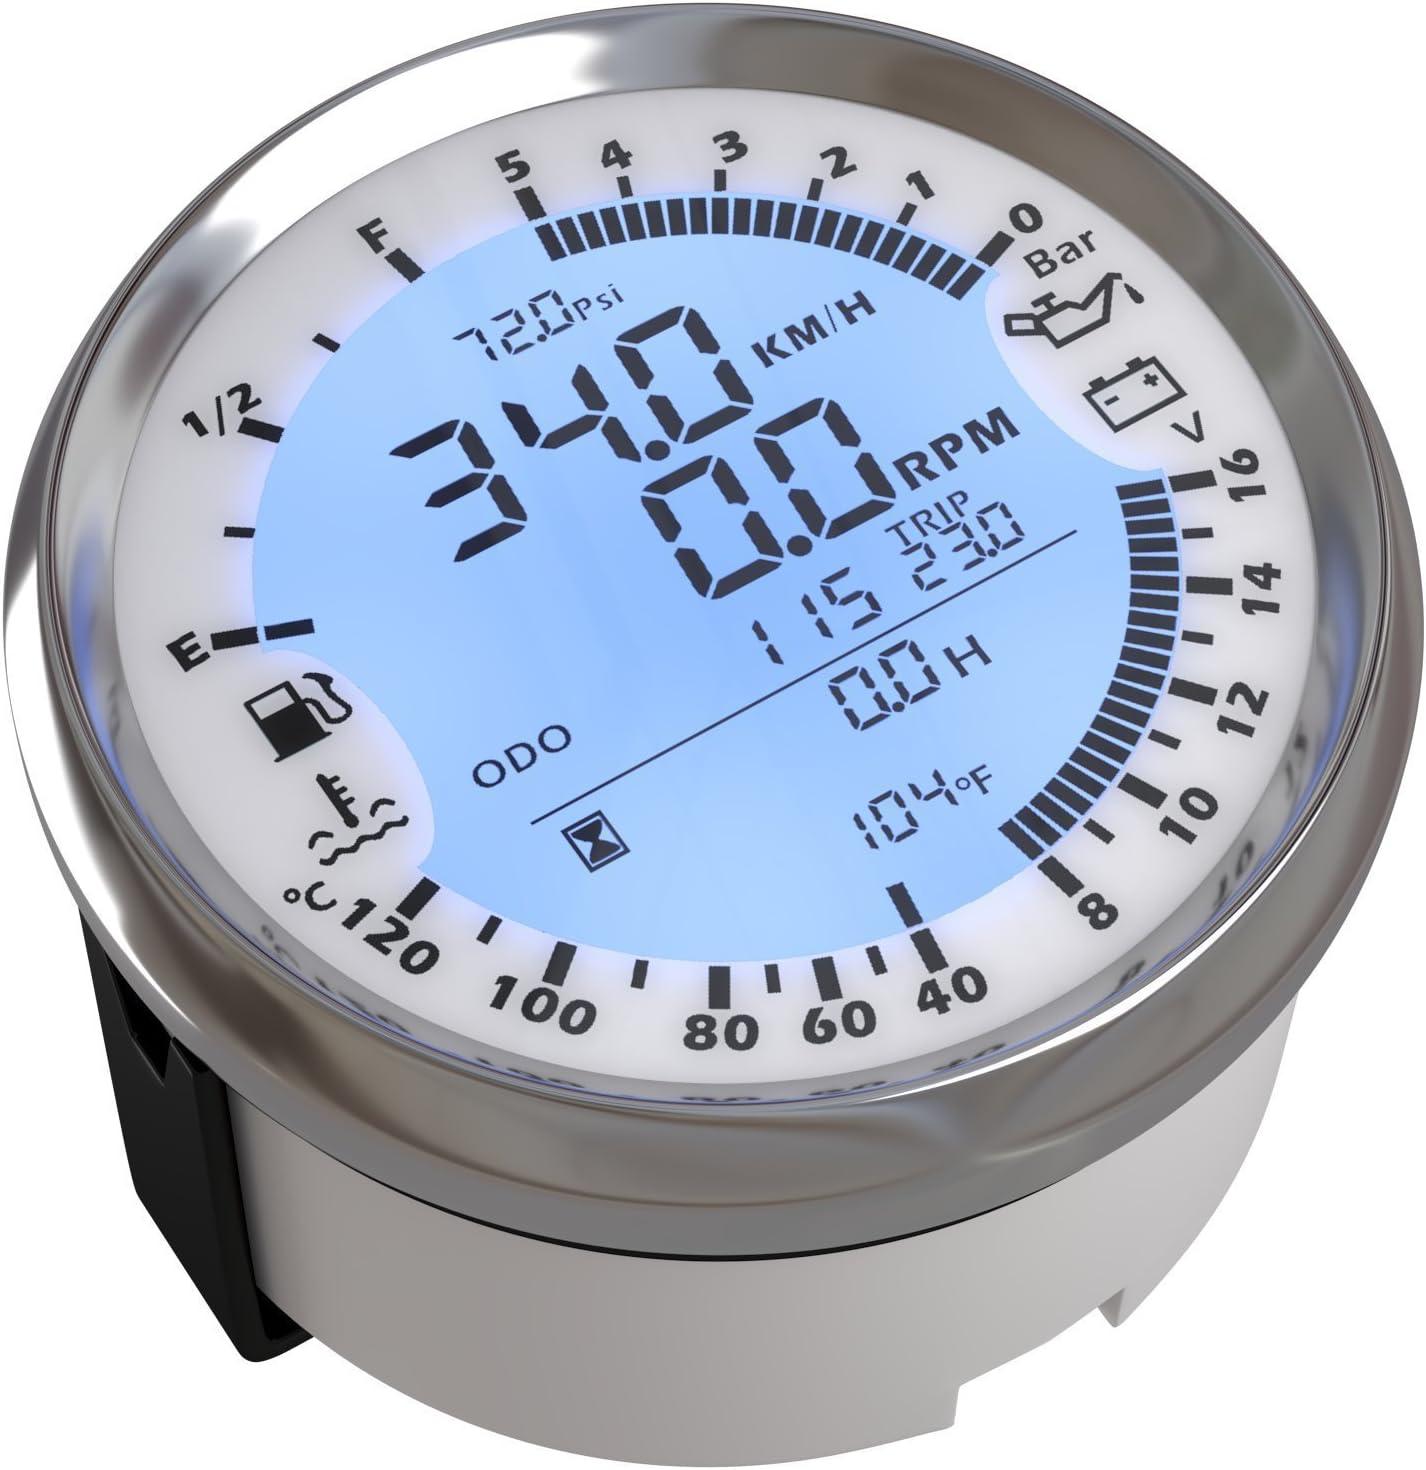 ELING Medidor de indicador multifuncional GPS Velocímetro Tacómetro Hora Temperatura del agua Nivel de combustible Voltímetro de presión de aceite 12V 3-3/8 pulgadas (85mm) Con luz de fondo